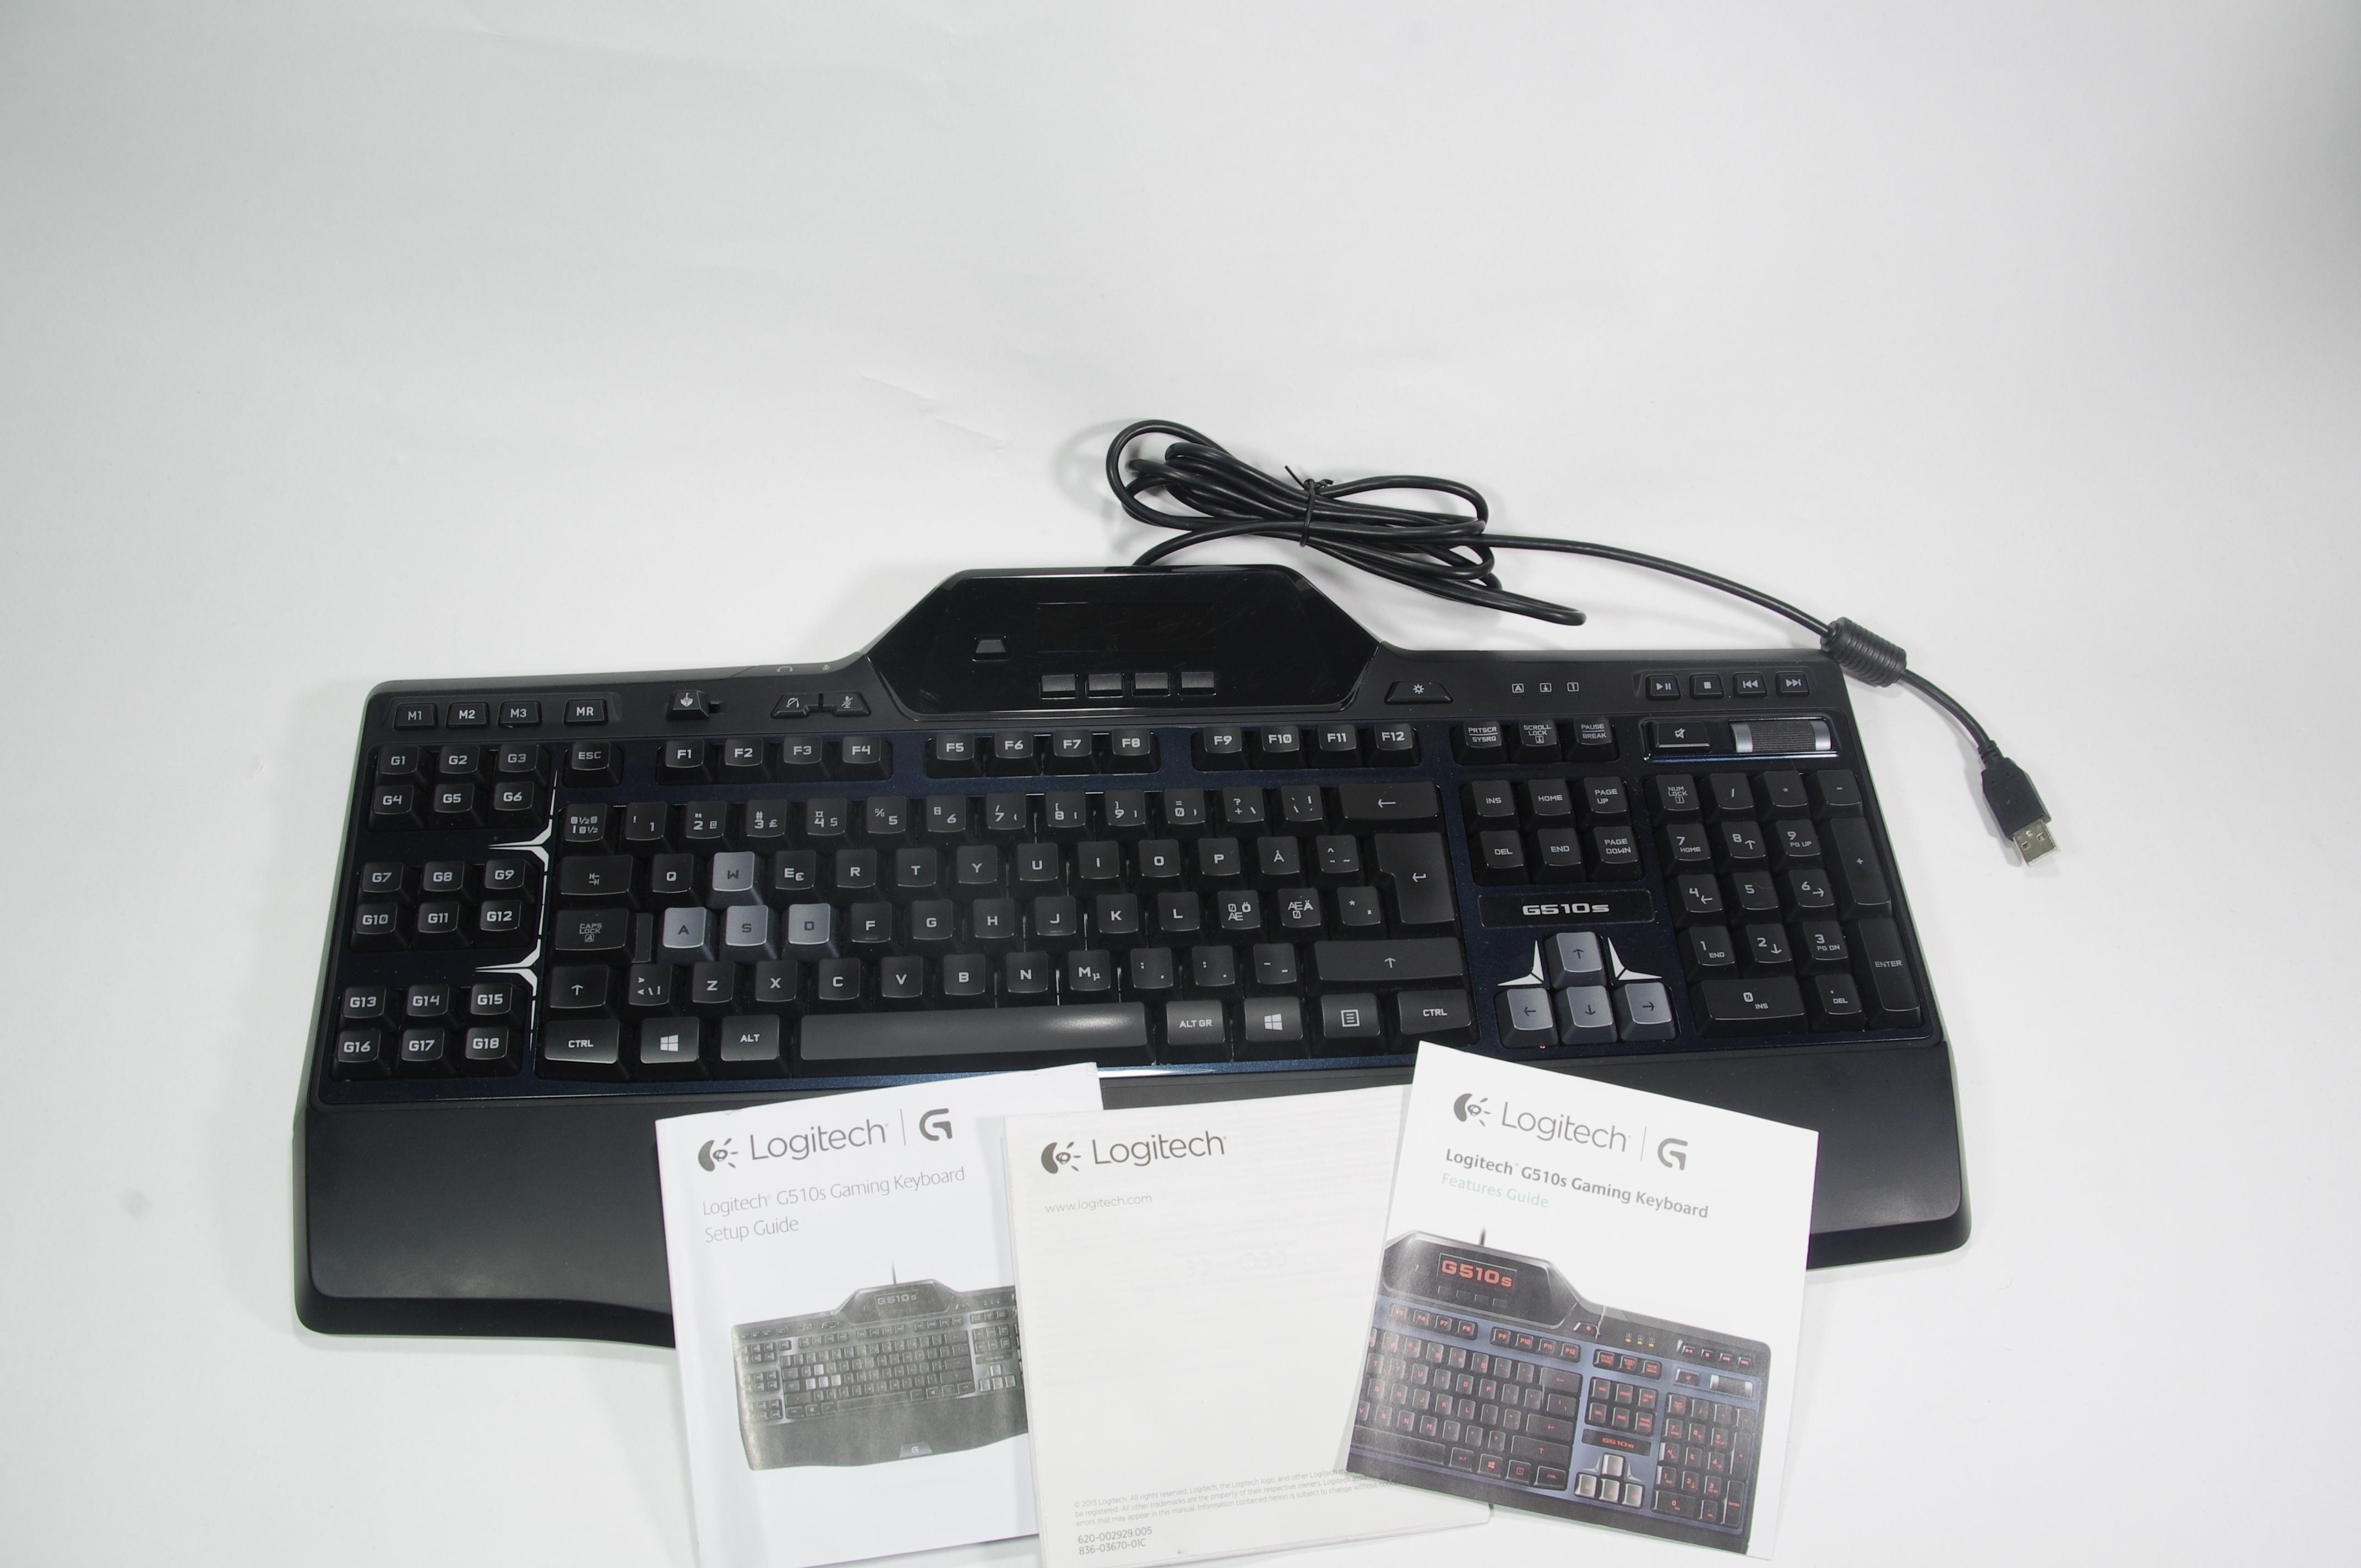 Logitech G510S. Logitech har länge erbjudit tangentbordsmodeller med  LCD-skärmar på tangentbordet ... fc0cc73560f8d